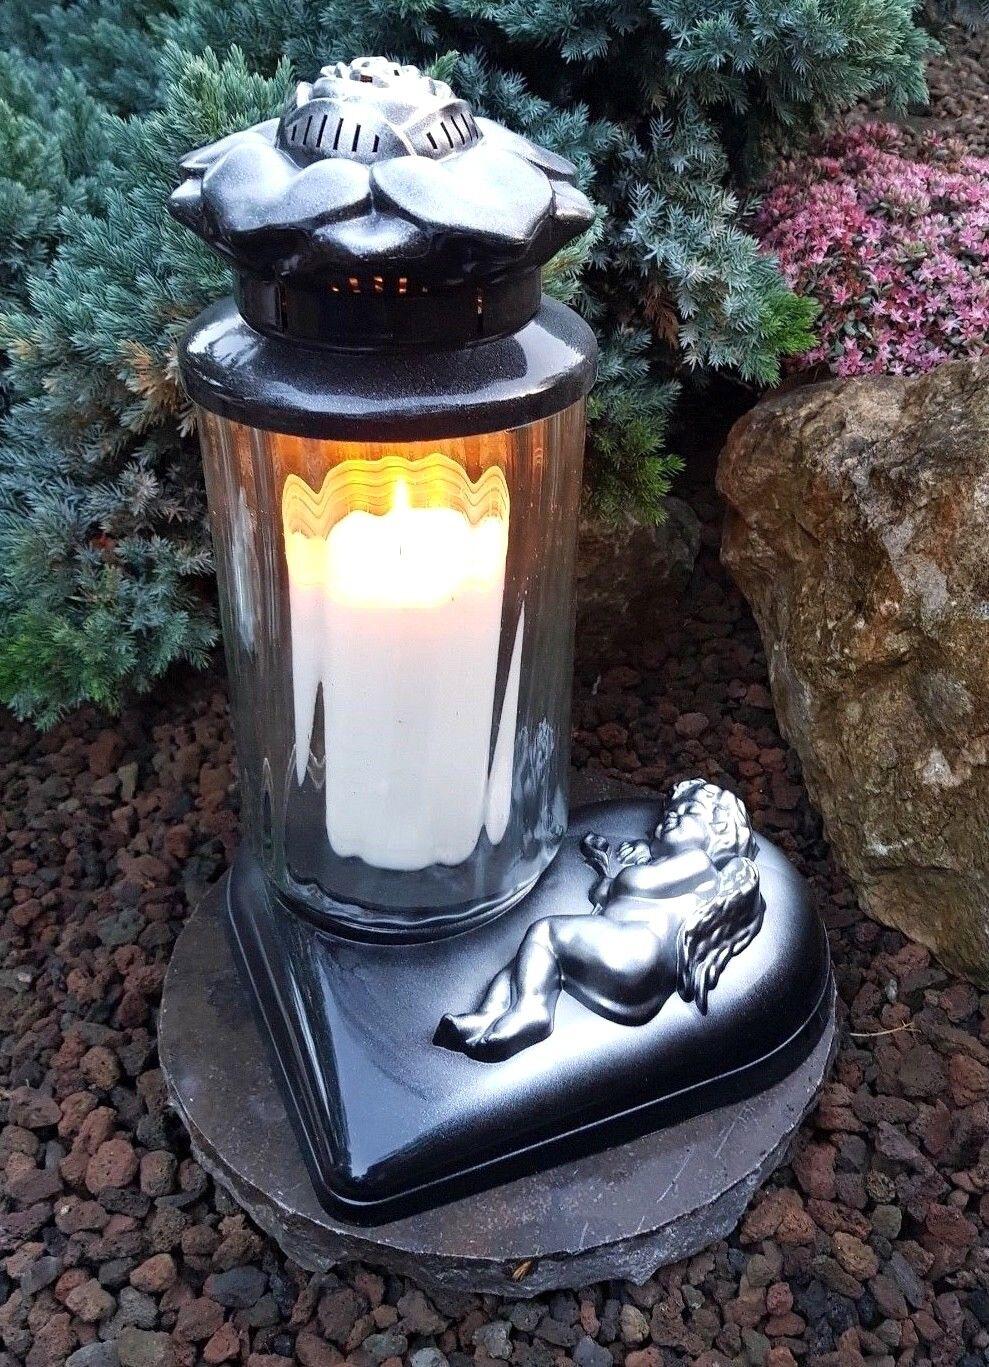 Silber - Grablaterne Grablampe GraBlauchte  Grablicht Kerze Kerze Kerze Engel Grabstein | Elegant  a14cf4